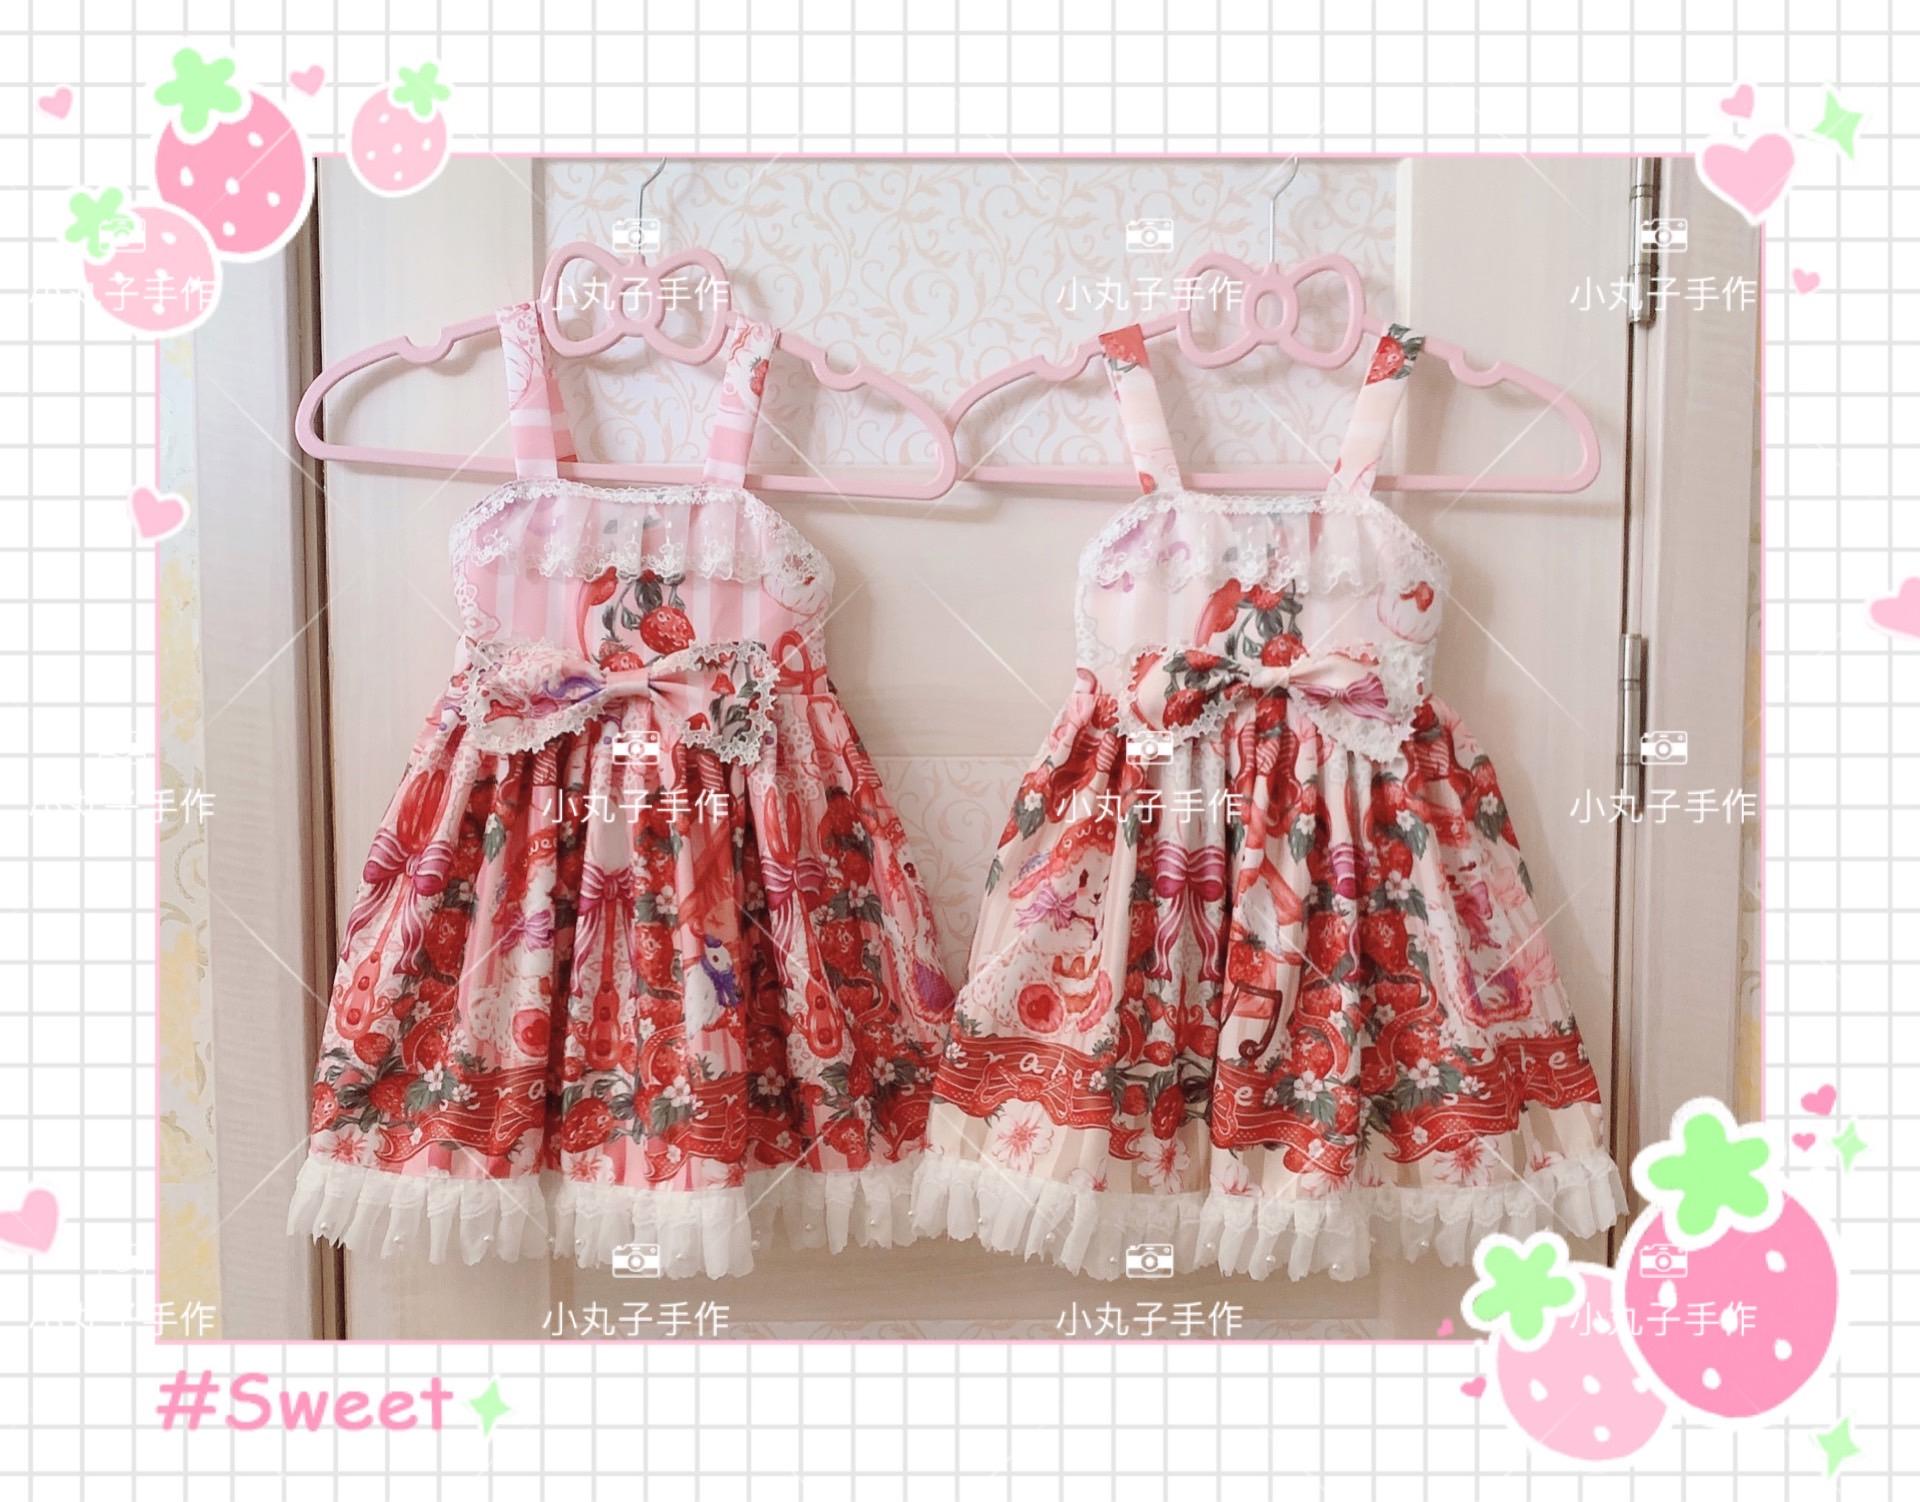 丸子手作りオリジナルの甜心兔子供服可愛いロリータ子供レースJSKワンピース